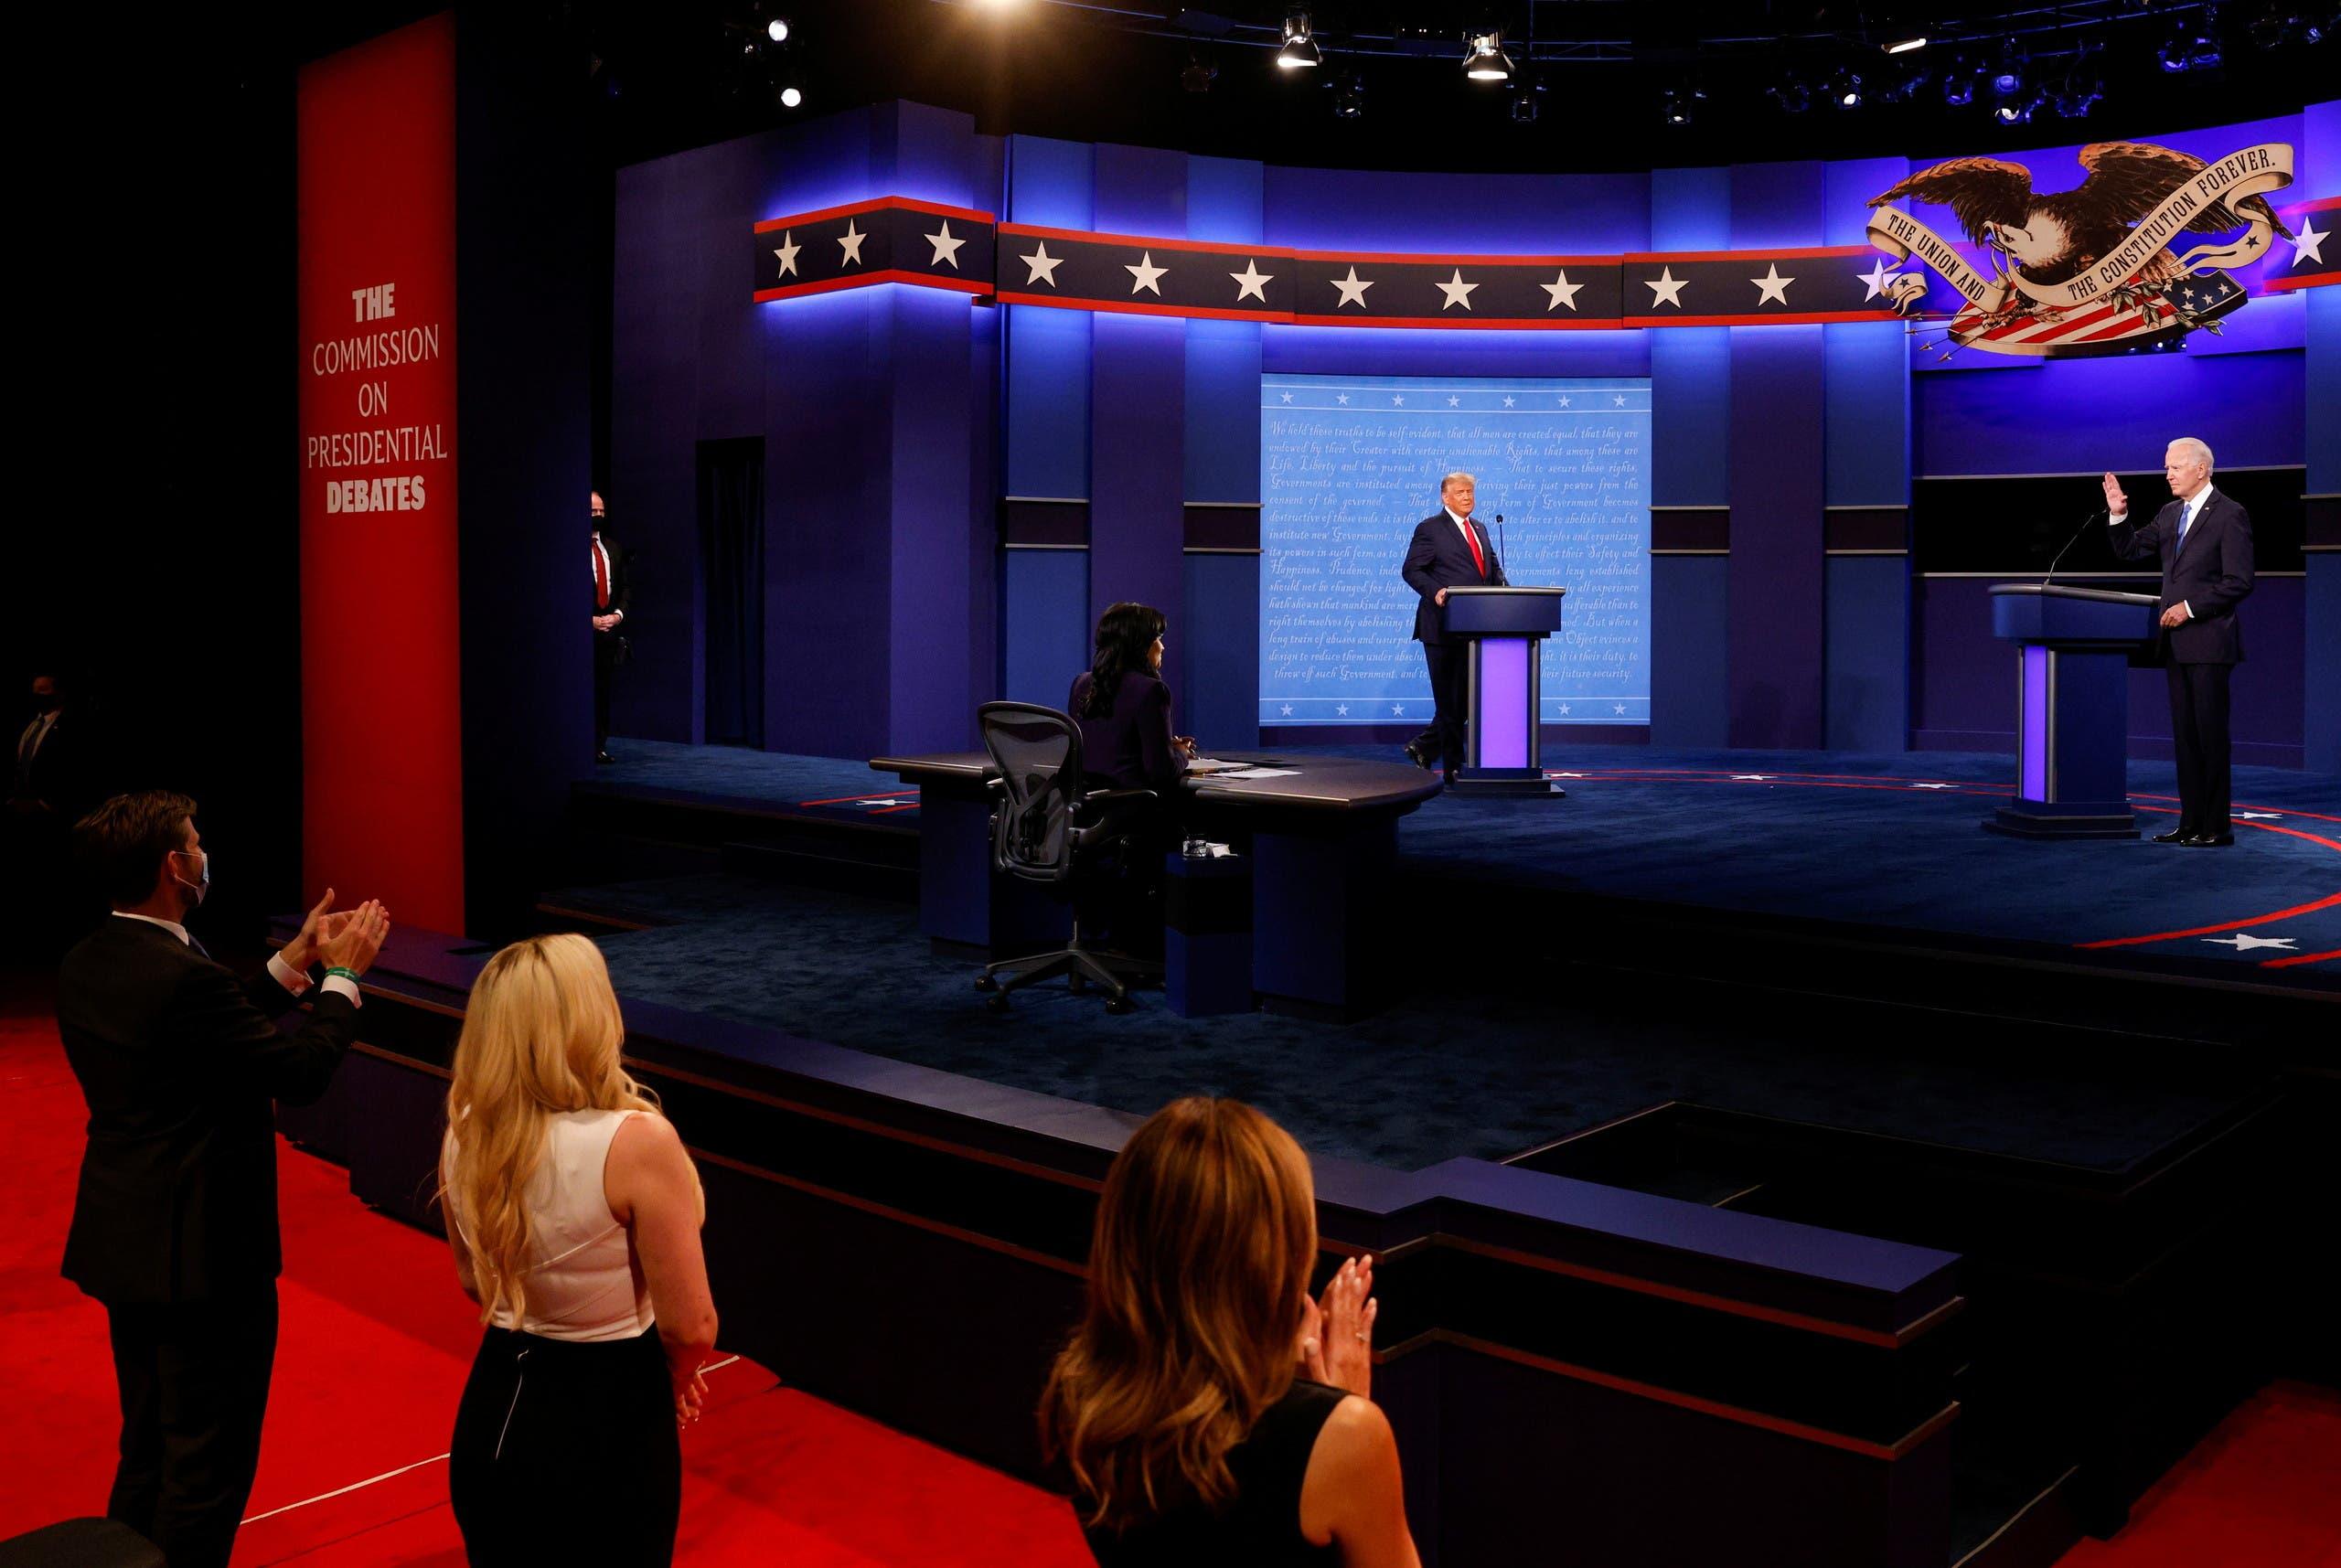 ترمب وبايدن خلال المناظرة